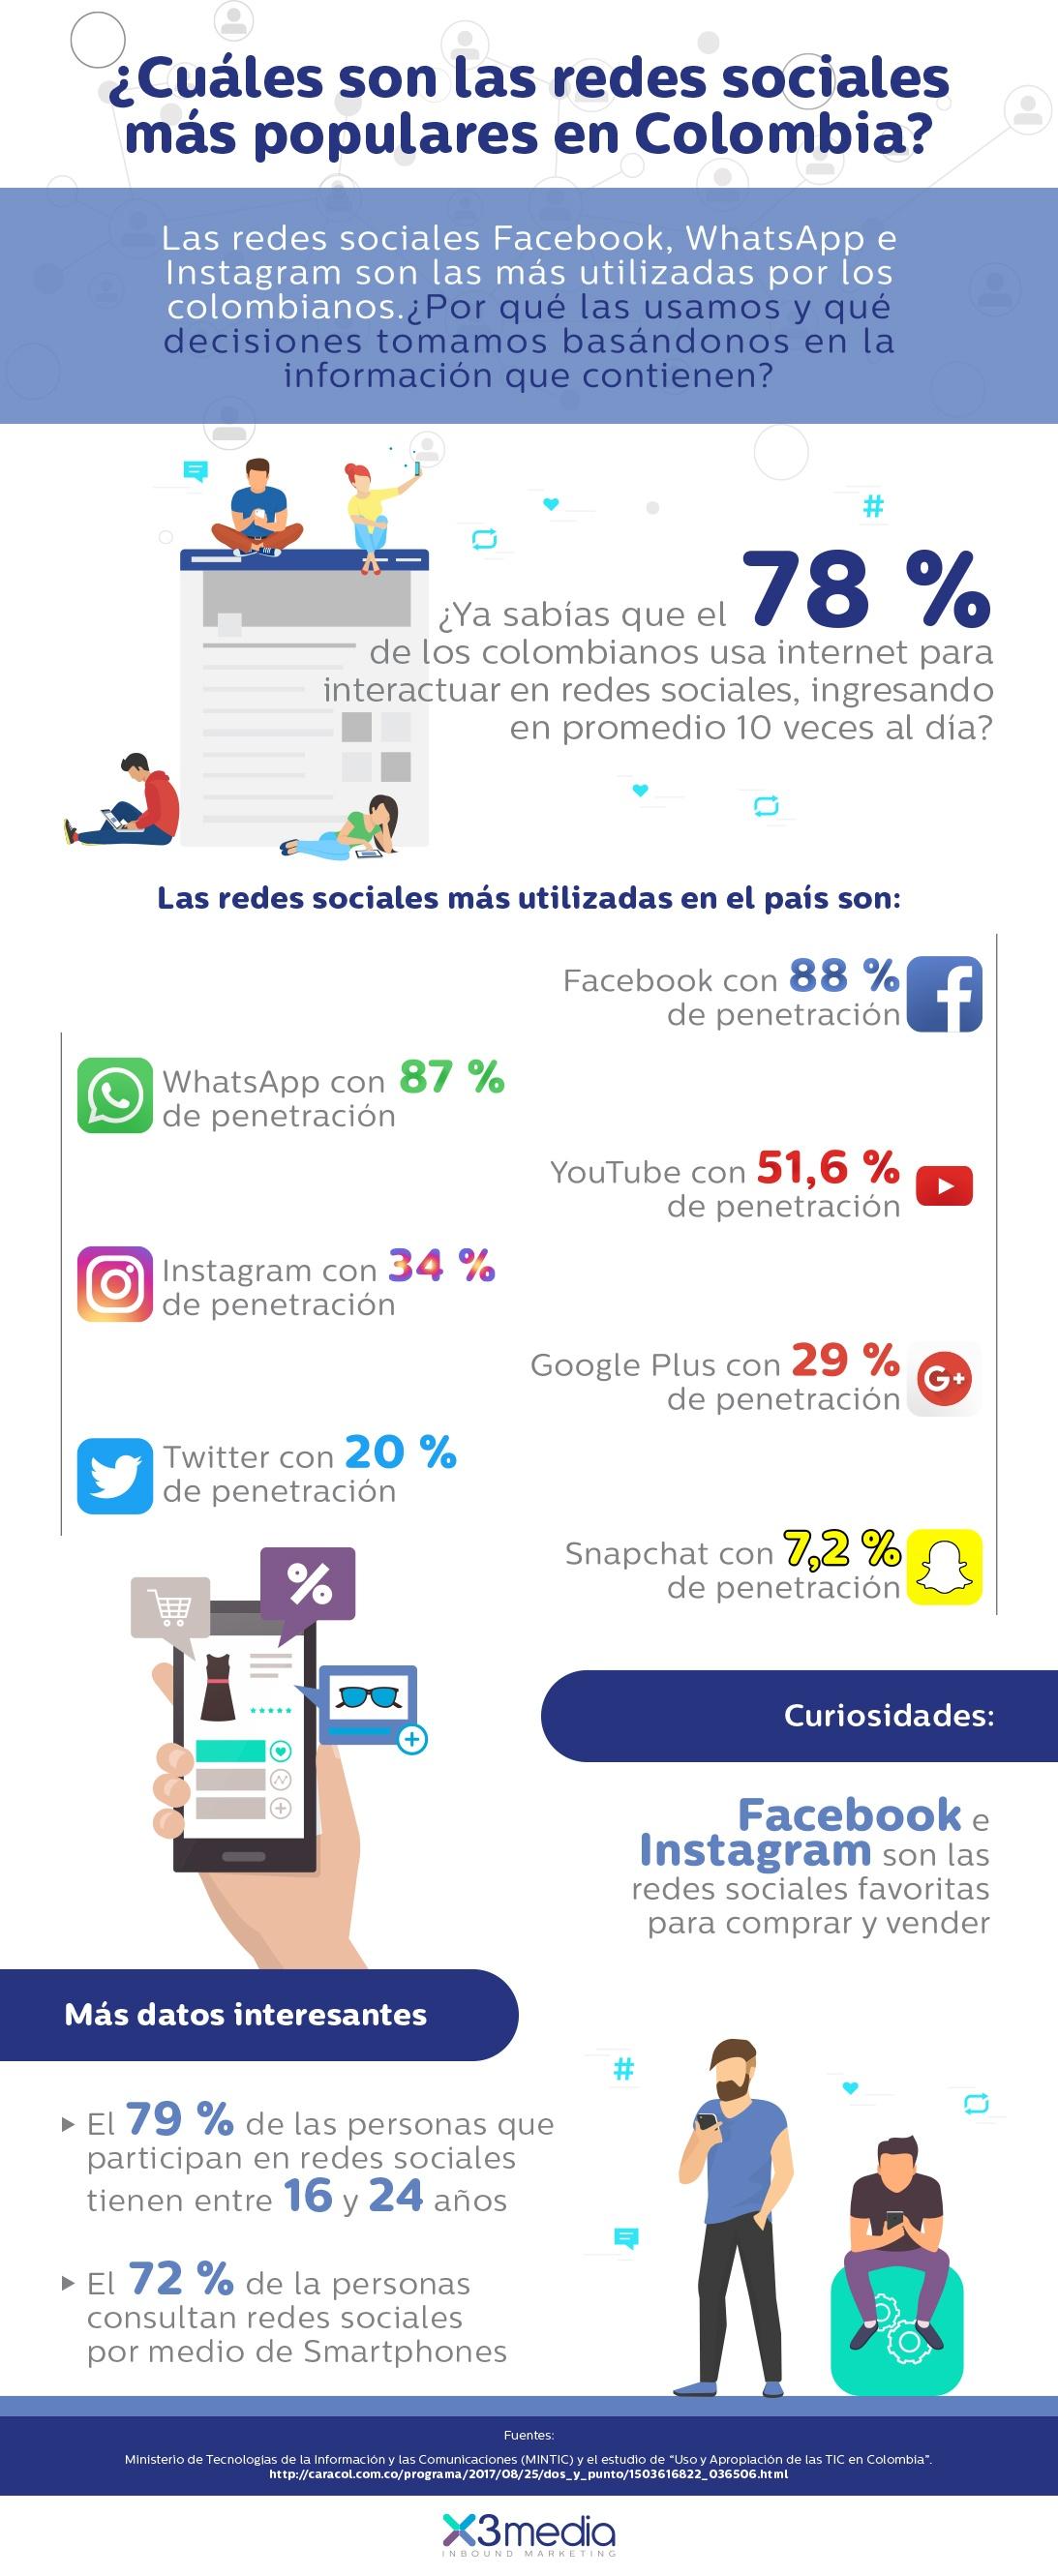 Infografia - Cuáles son las redes sociales más populares